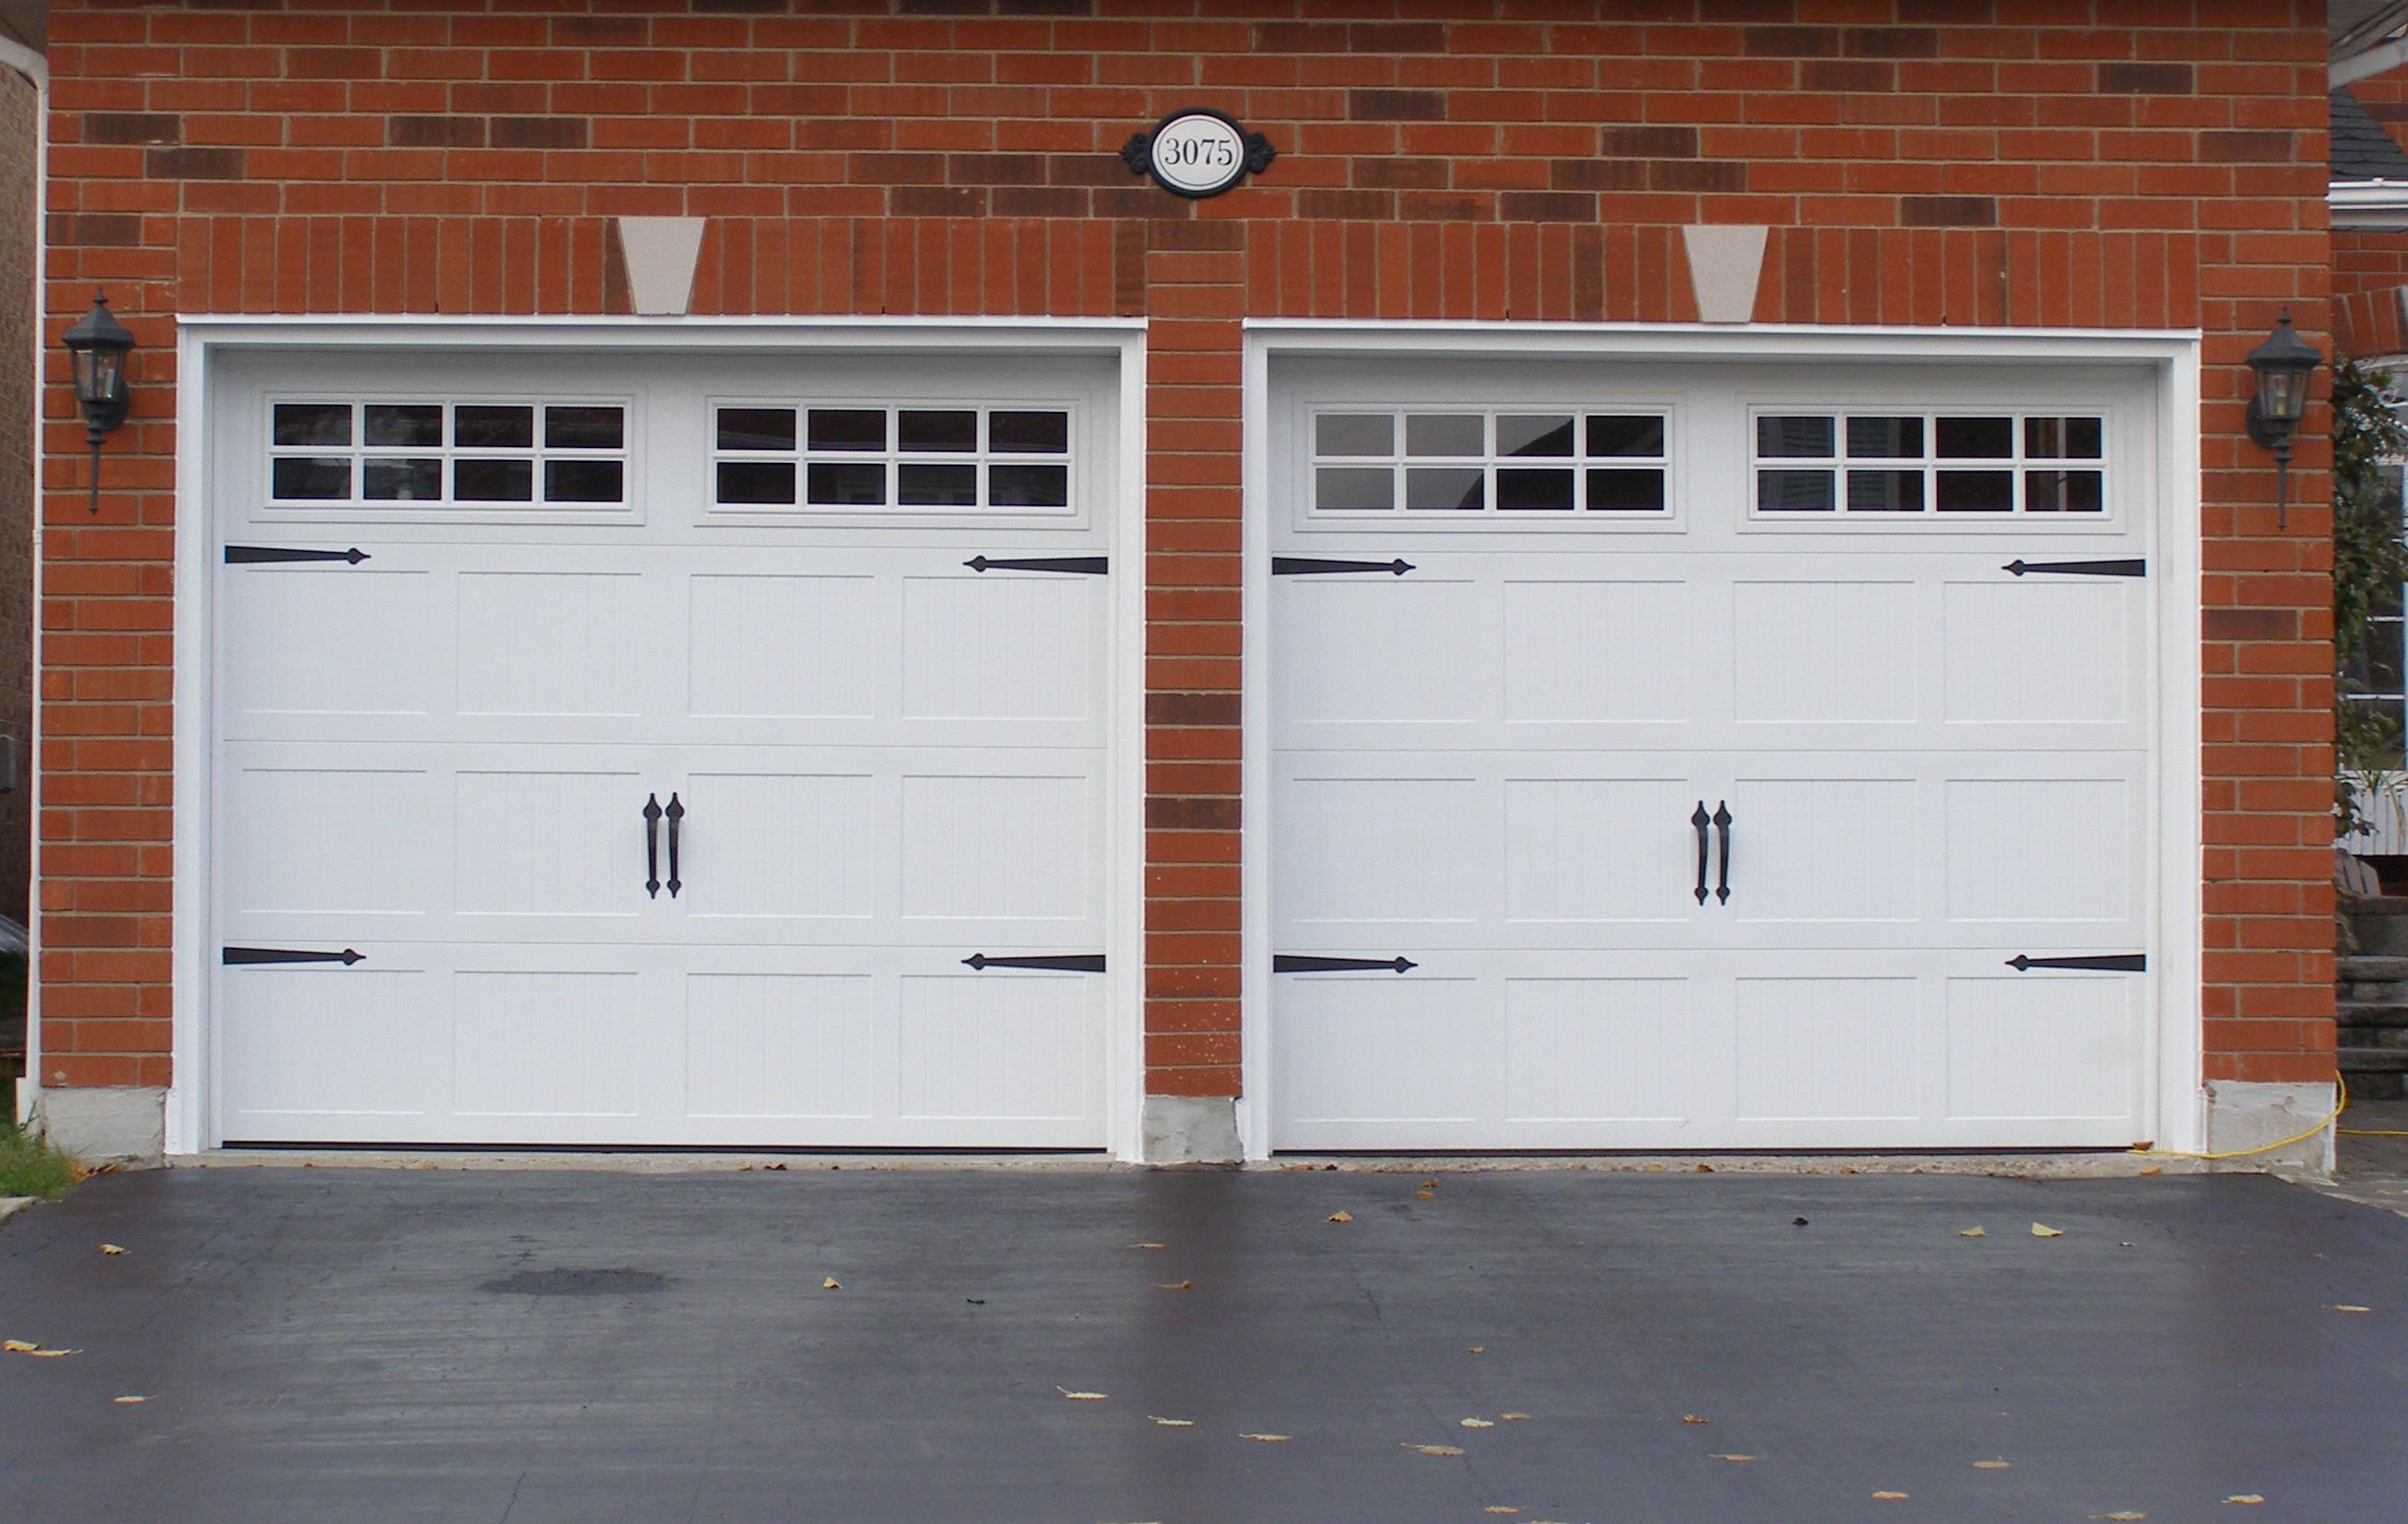 full size service the door opener repair large garage overhead of replacement doors woodlands